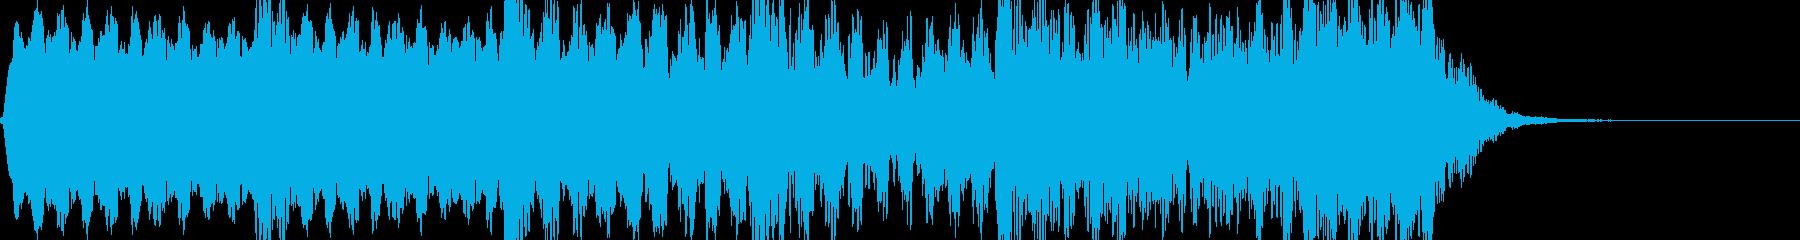 フルート 忍び寄る不穏な感じ コミカルの再生済みの波形